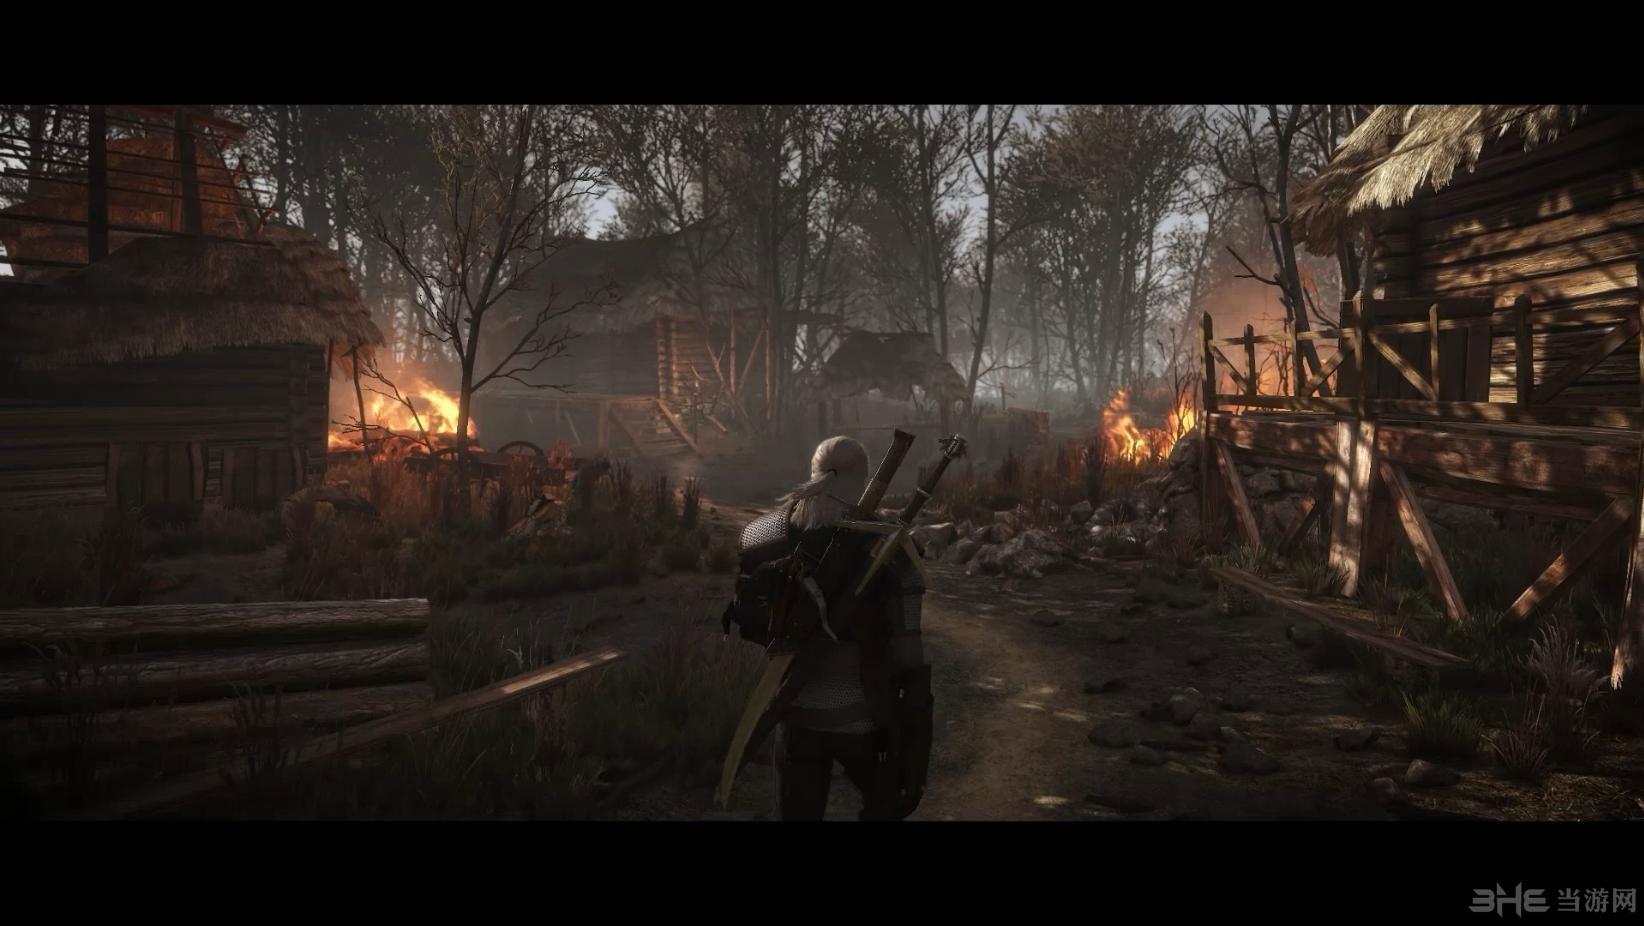 巫师3:狂猎超强光照MOD截图0